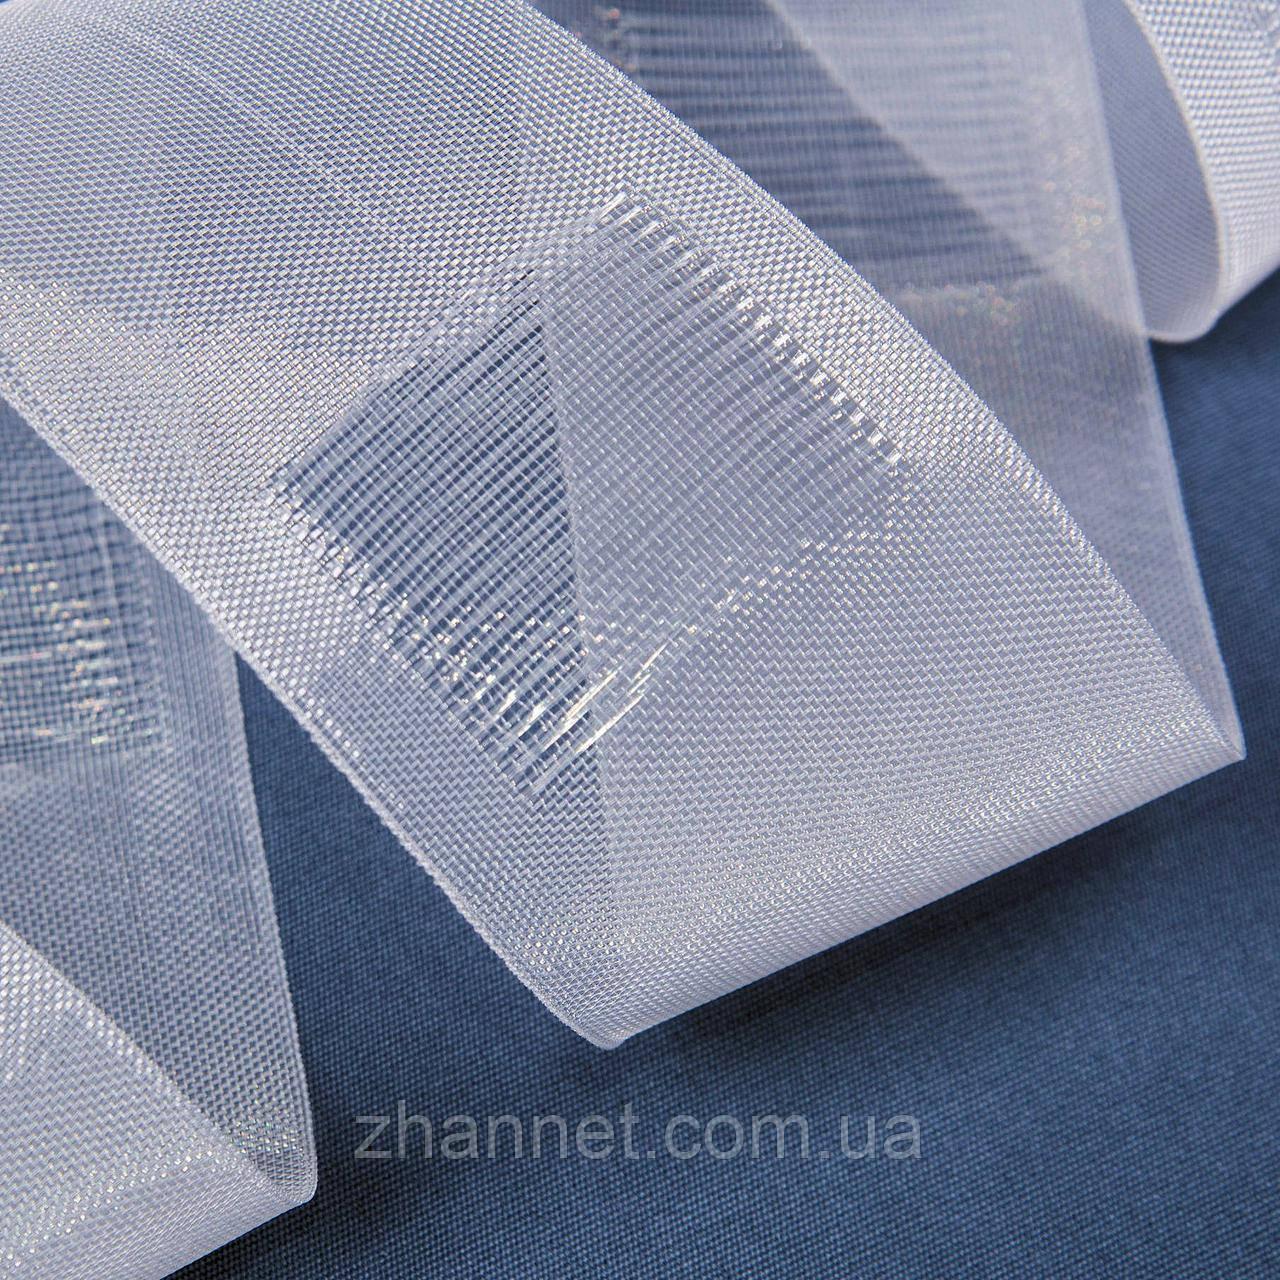 Тесьма для штор прозрачная на трубу 10 см